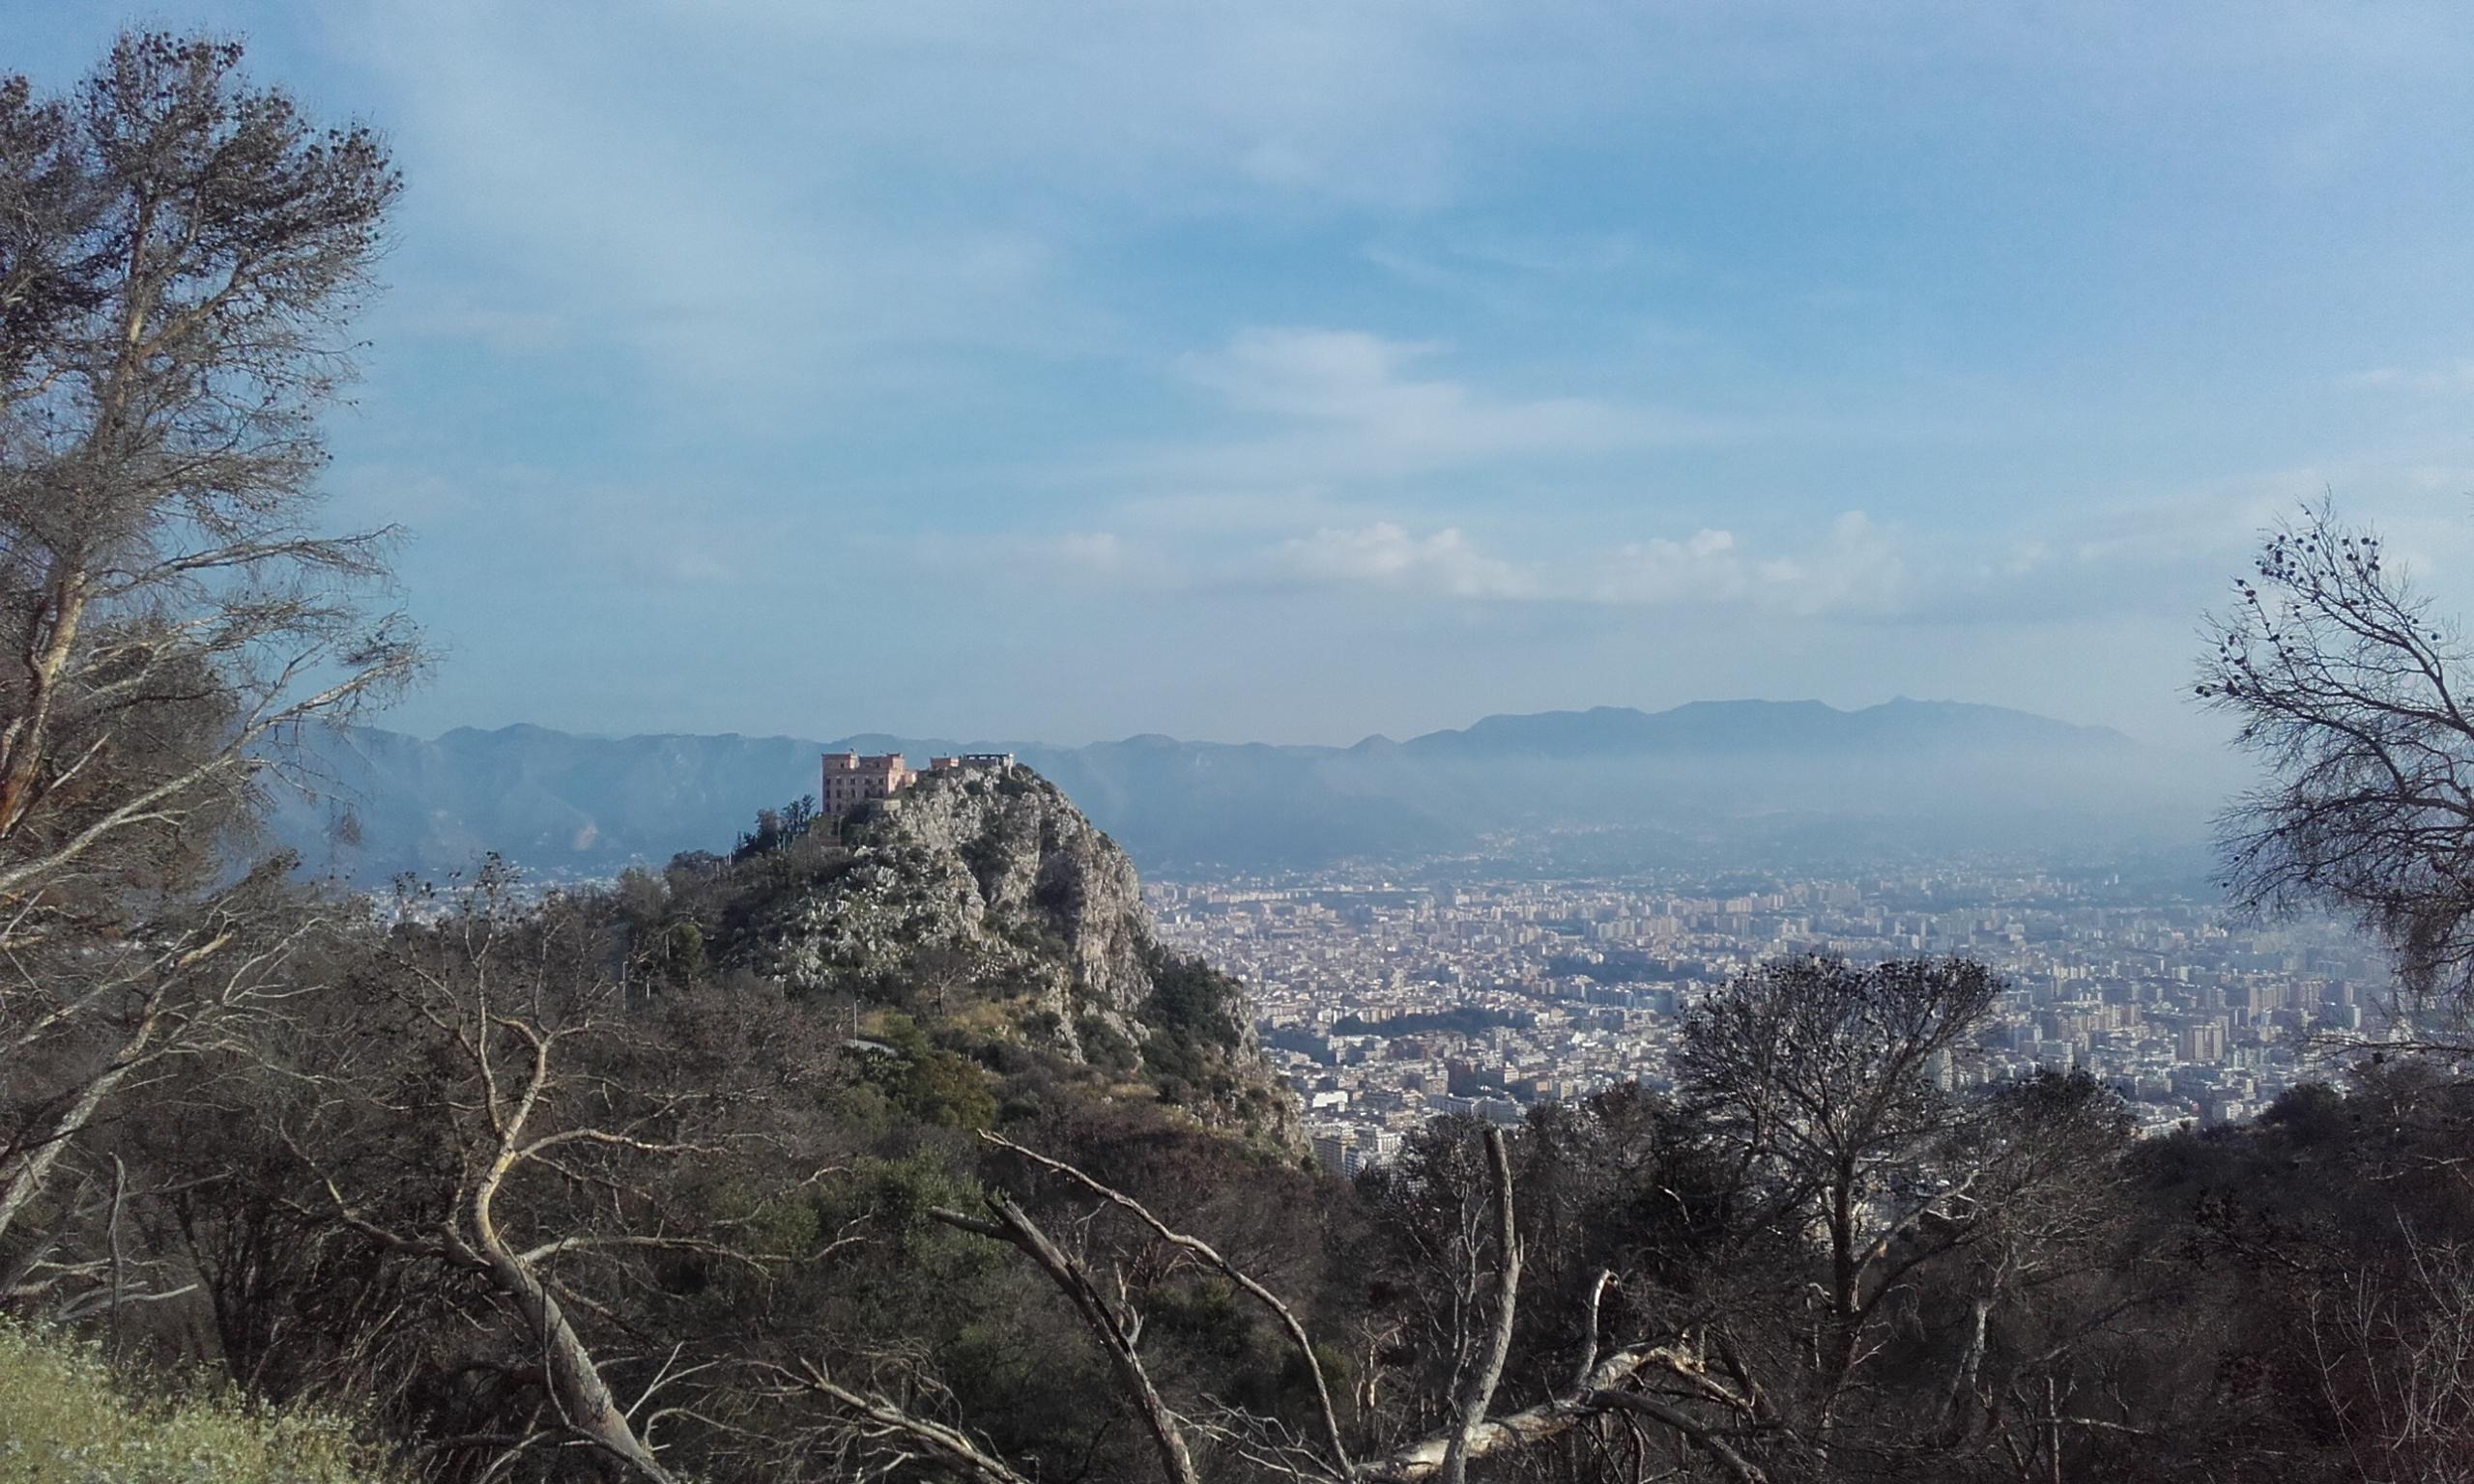 Castillo en el Monte Pellegrino y la ciudad de Palermo detrás